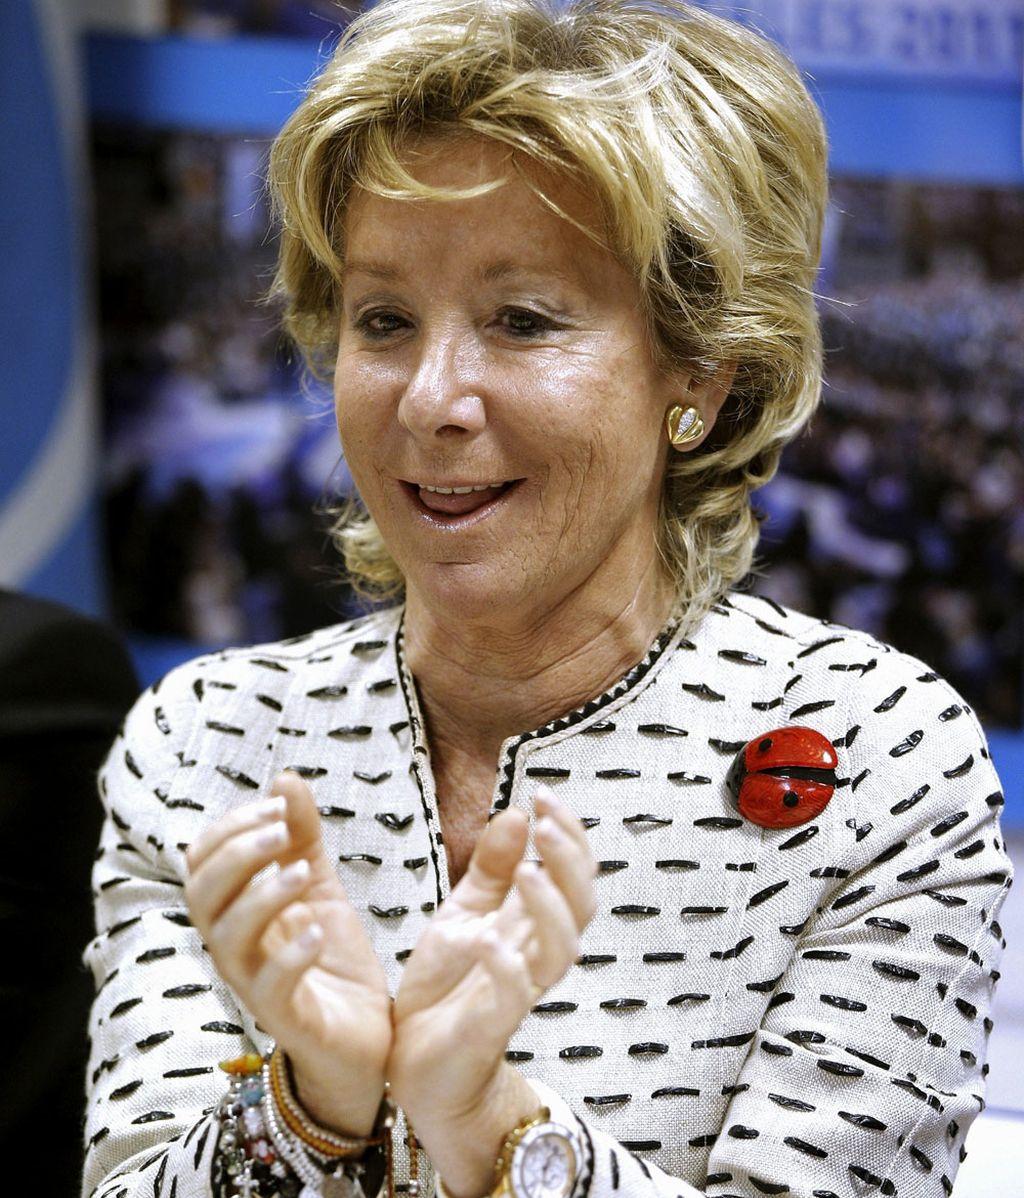 La presidenta de la Comunidad de Madrid, Esperanza Aguirre, durante la reunión del Comité de Dirección del PP de Madrid